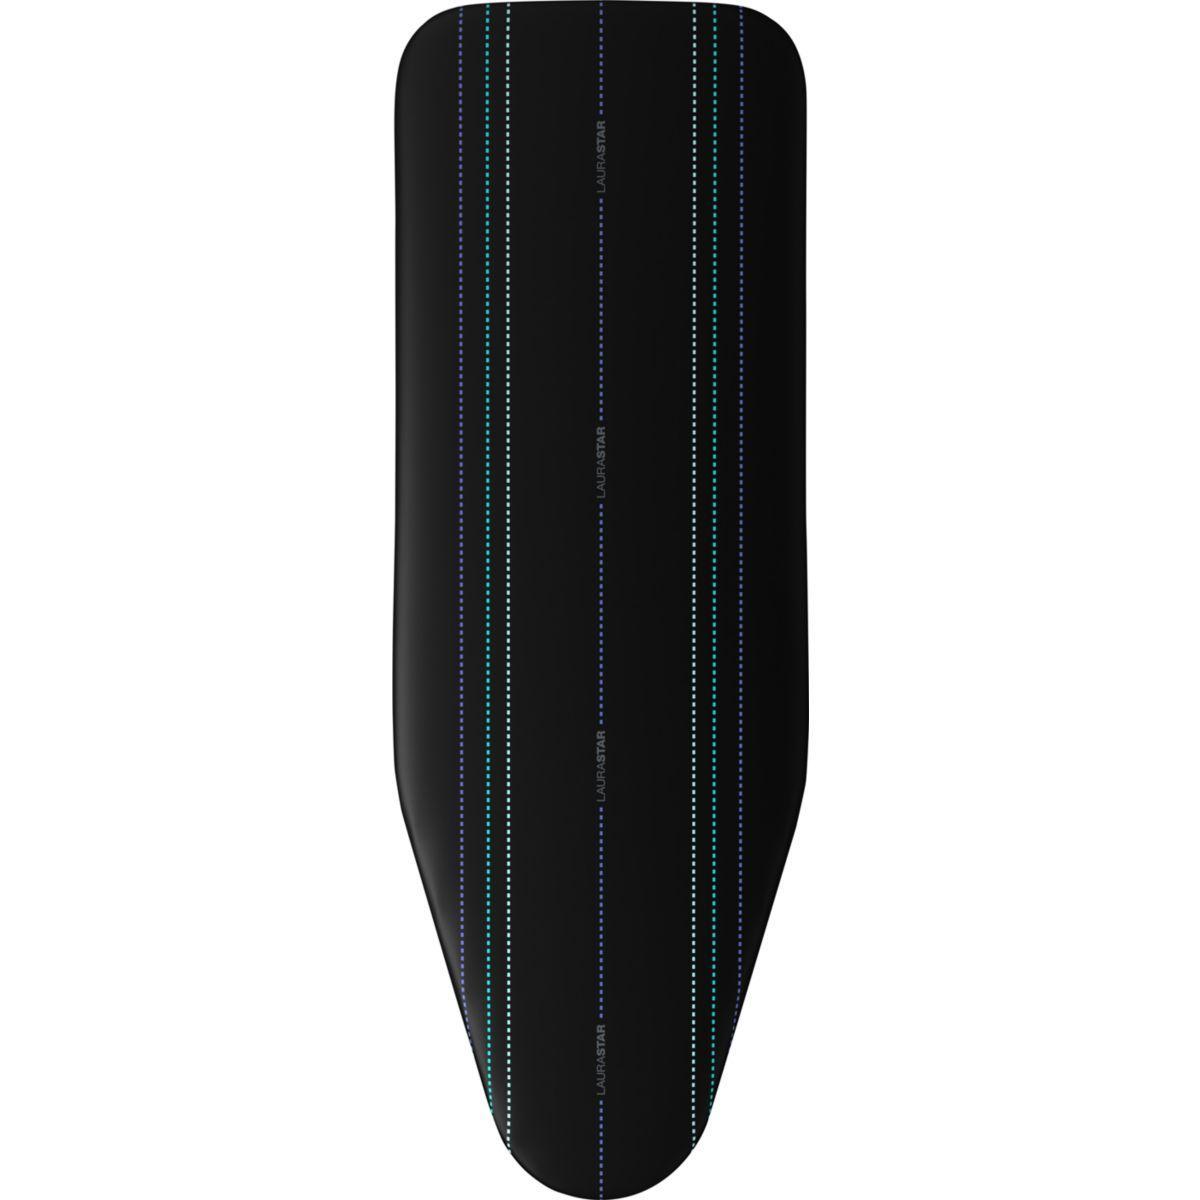 Housse table � repasser laurastar universal cover smart noir - livraison offerte : code